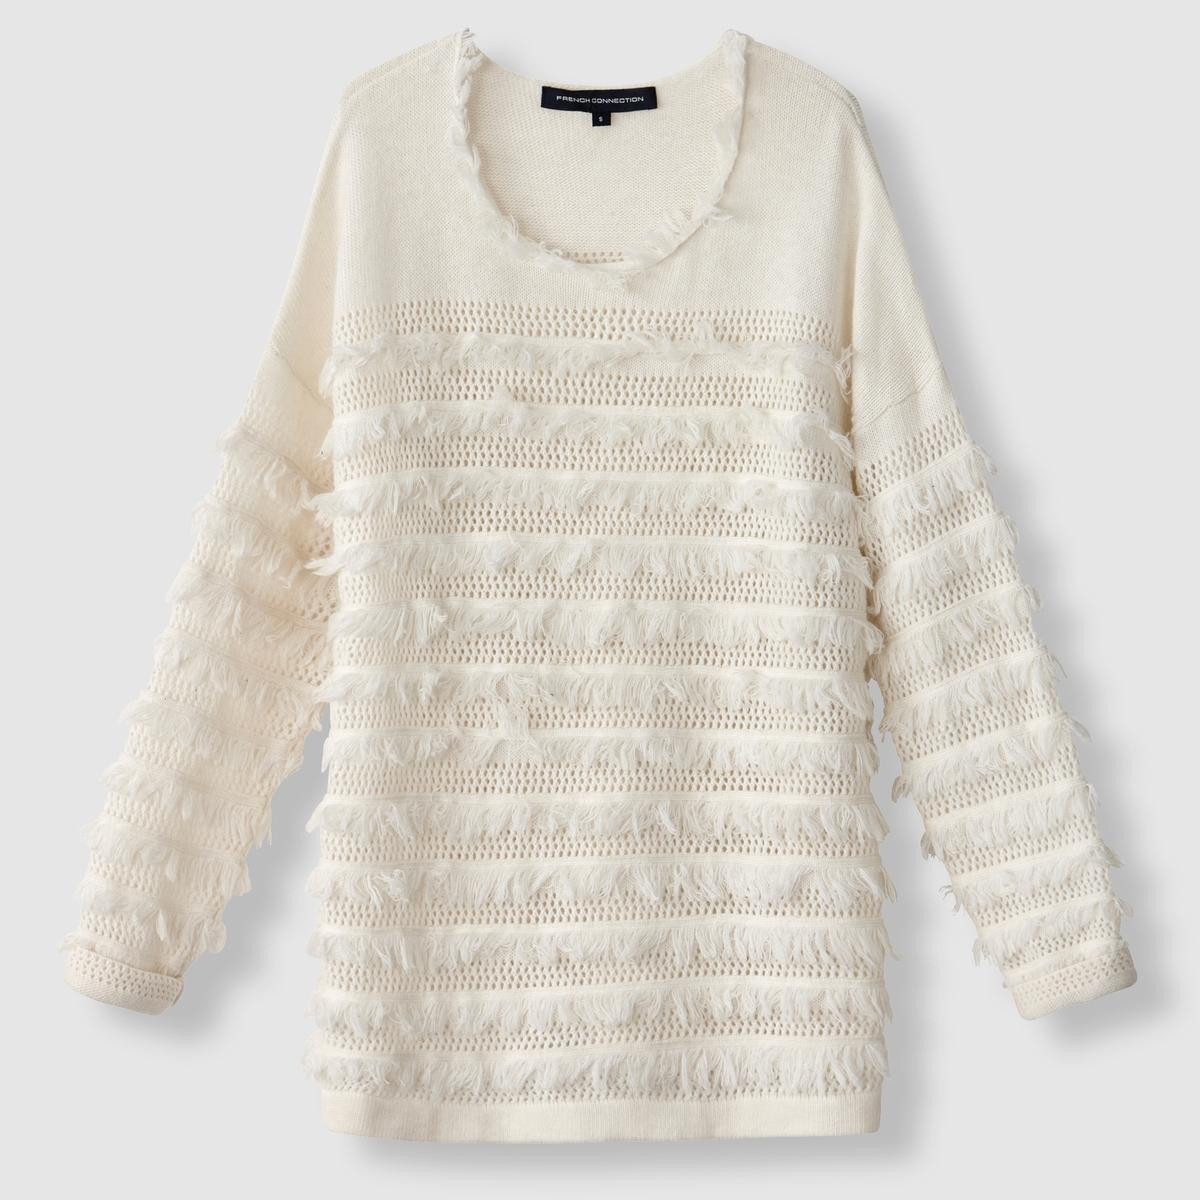 Пуловер с бахромой и ажурным узором, с круглым вырезом пуловер с бахромой и ажурным узором с круглым вырезом